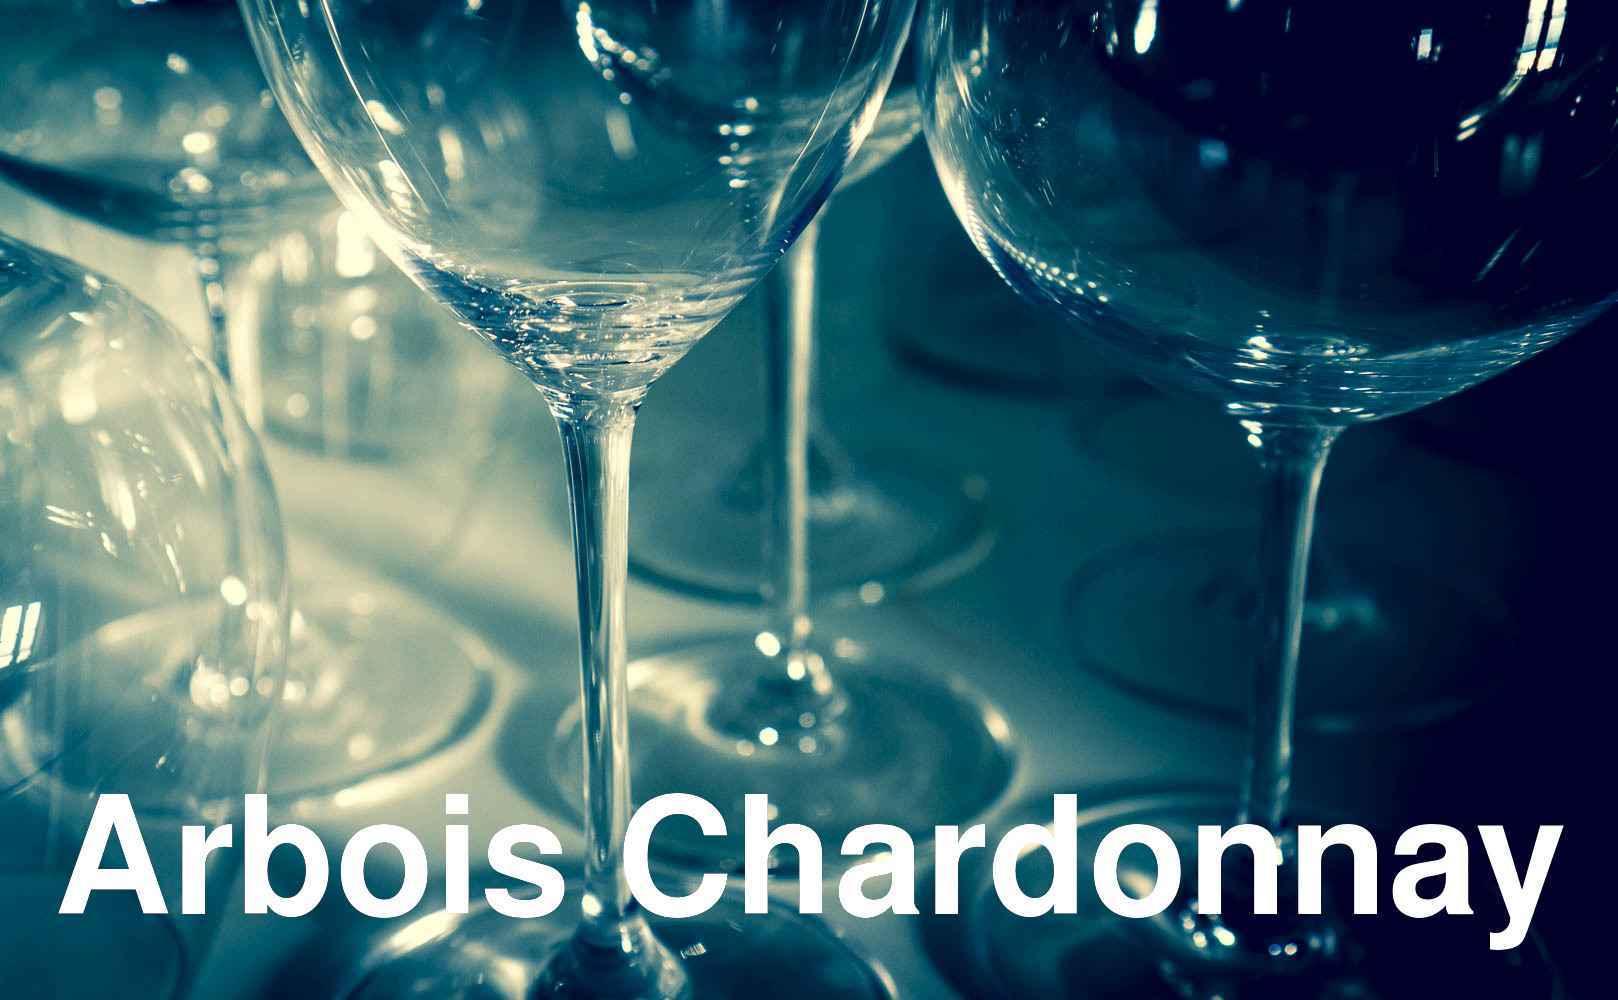 Go to Arbois Chardonnay von Domaine du Pélican aus Jura, Frankreich